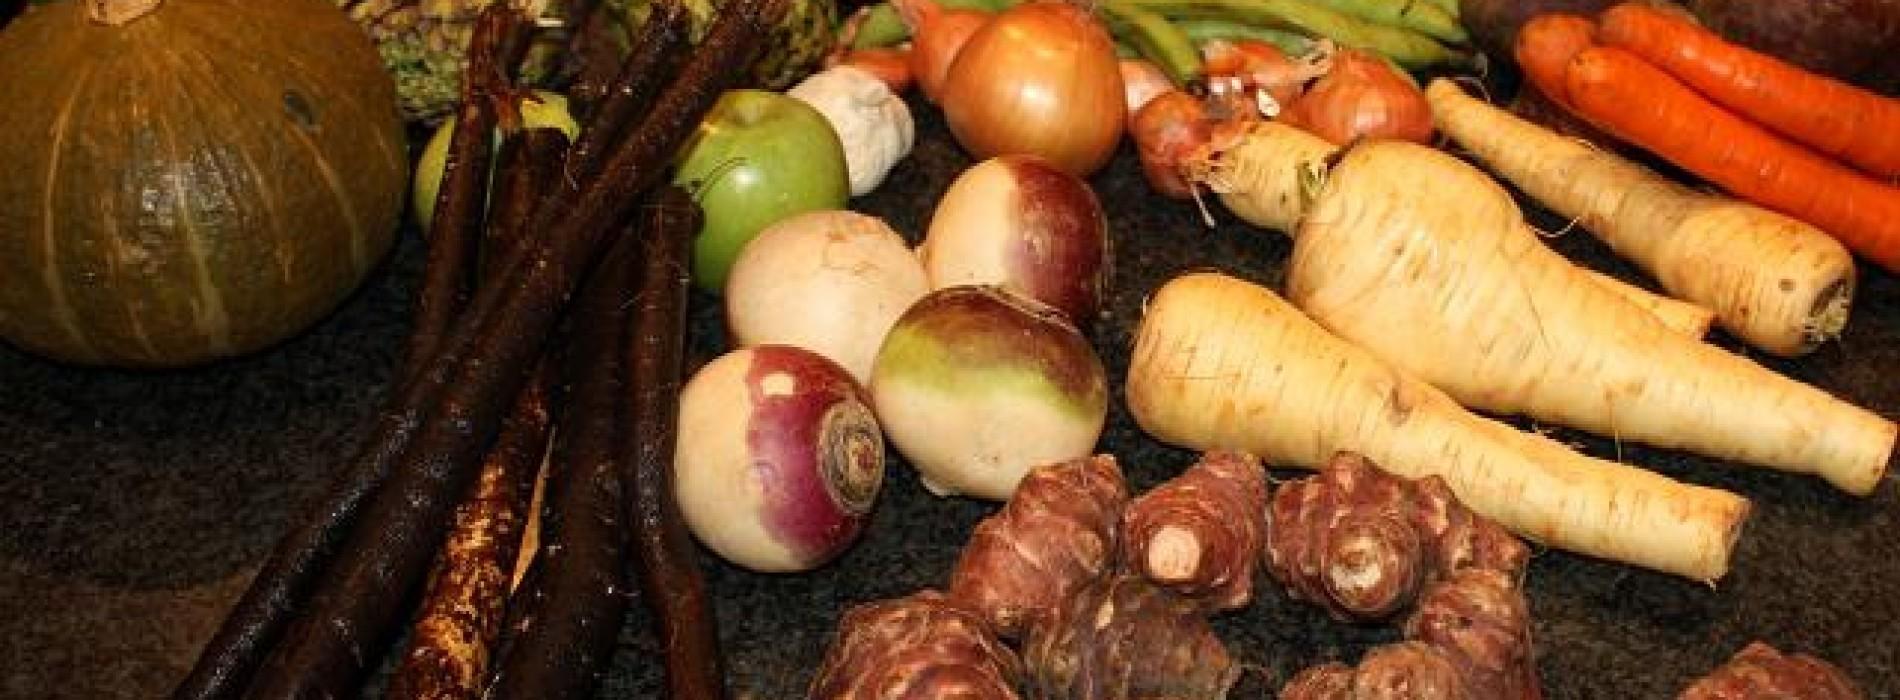 Vergeten groente, een kennismakingspakket